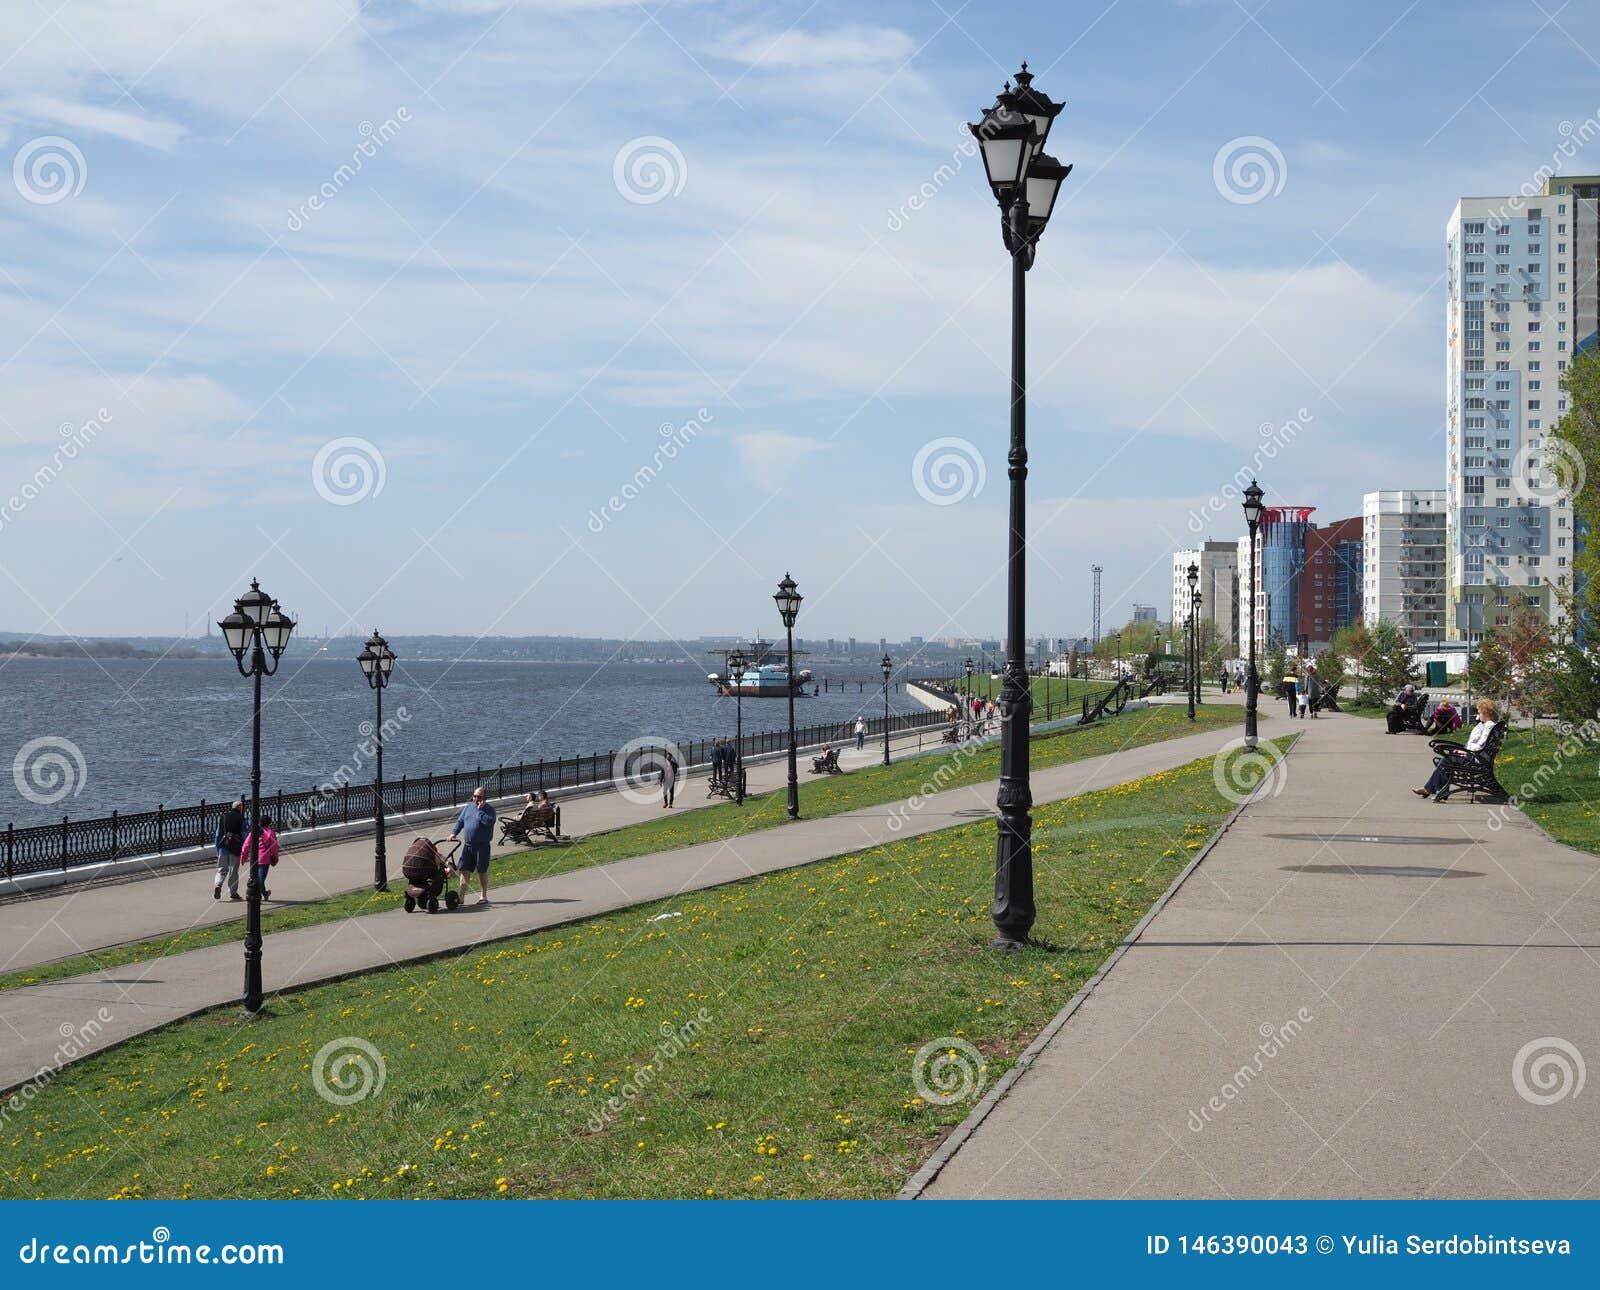 Loopt de de lente Zonnige dag op de stadsdijk, mensen en geniet van de warmte Rusland, Saratov - 28 April 2019